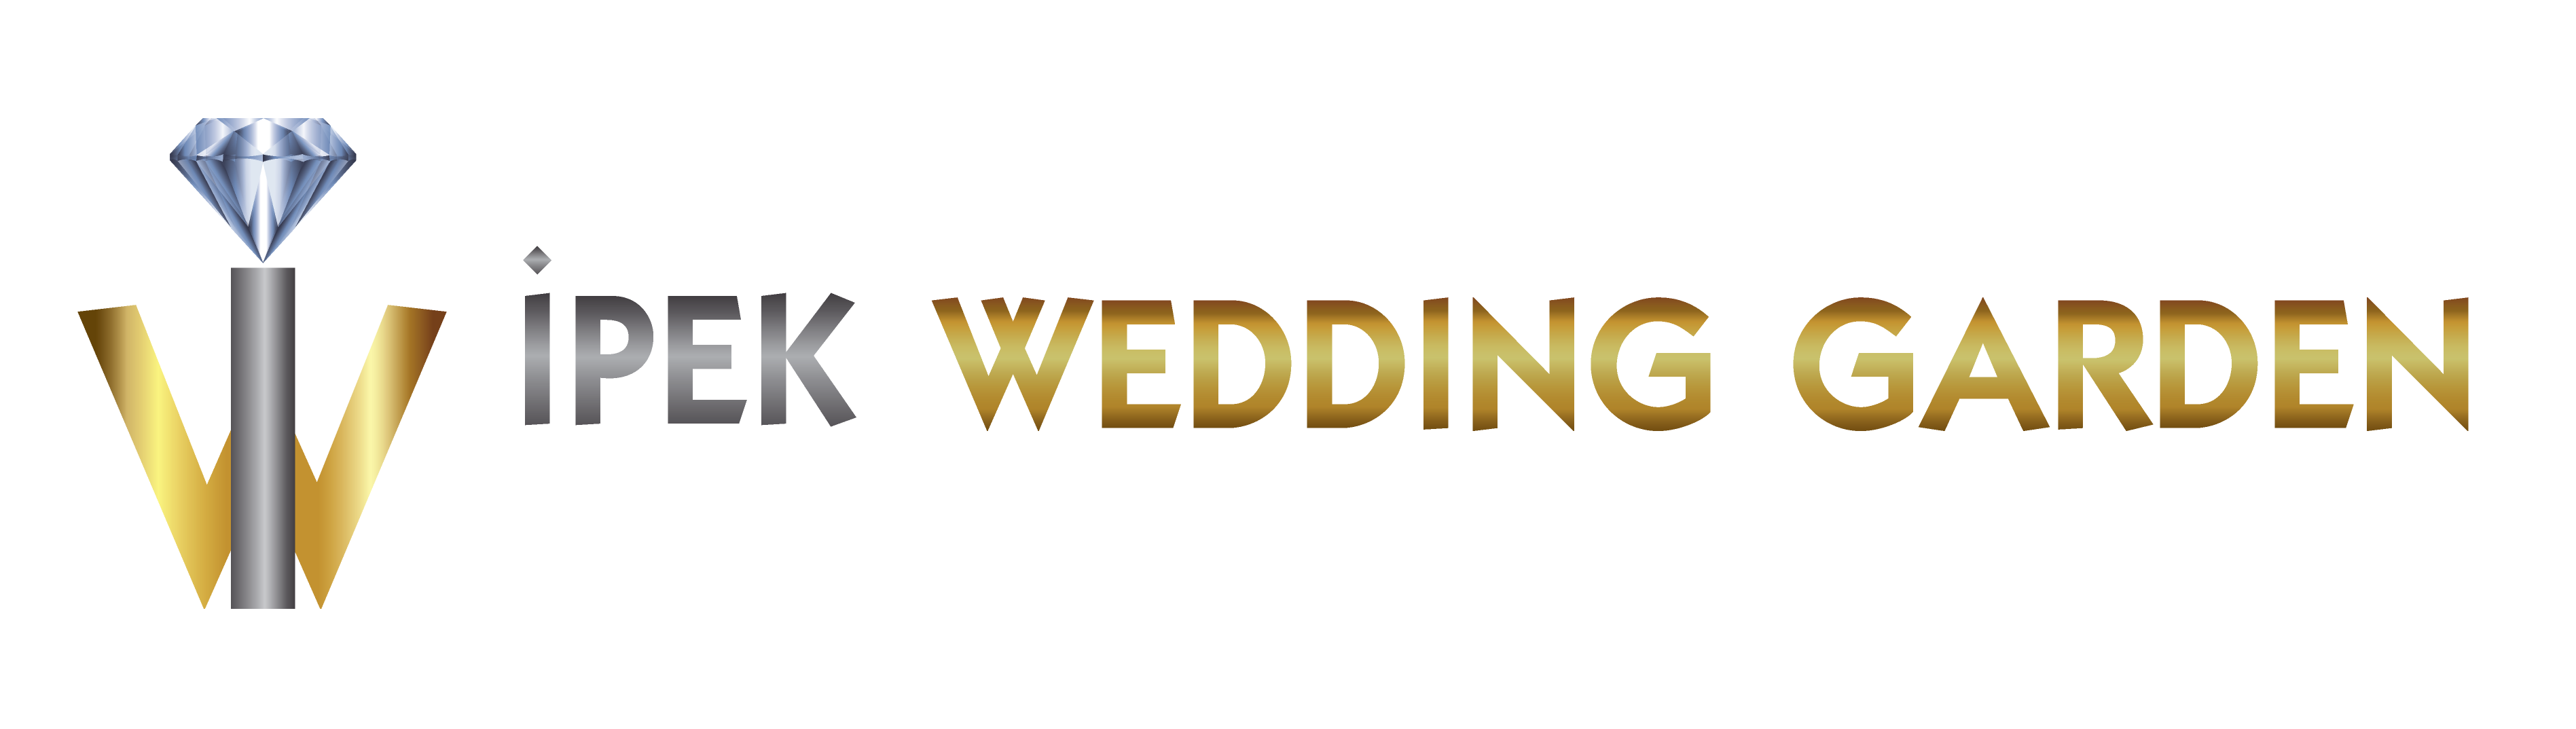 İpek Wedding Garden – Düğün, Balo, Davet ve Toplantı Salonları